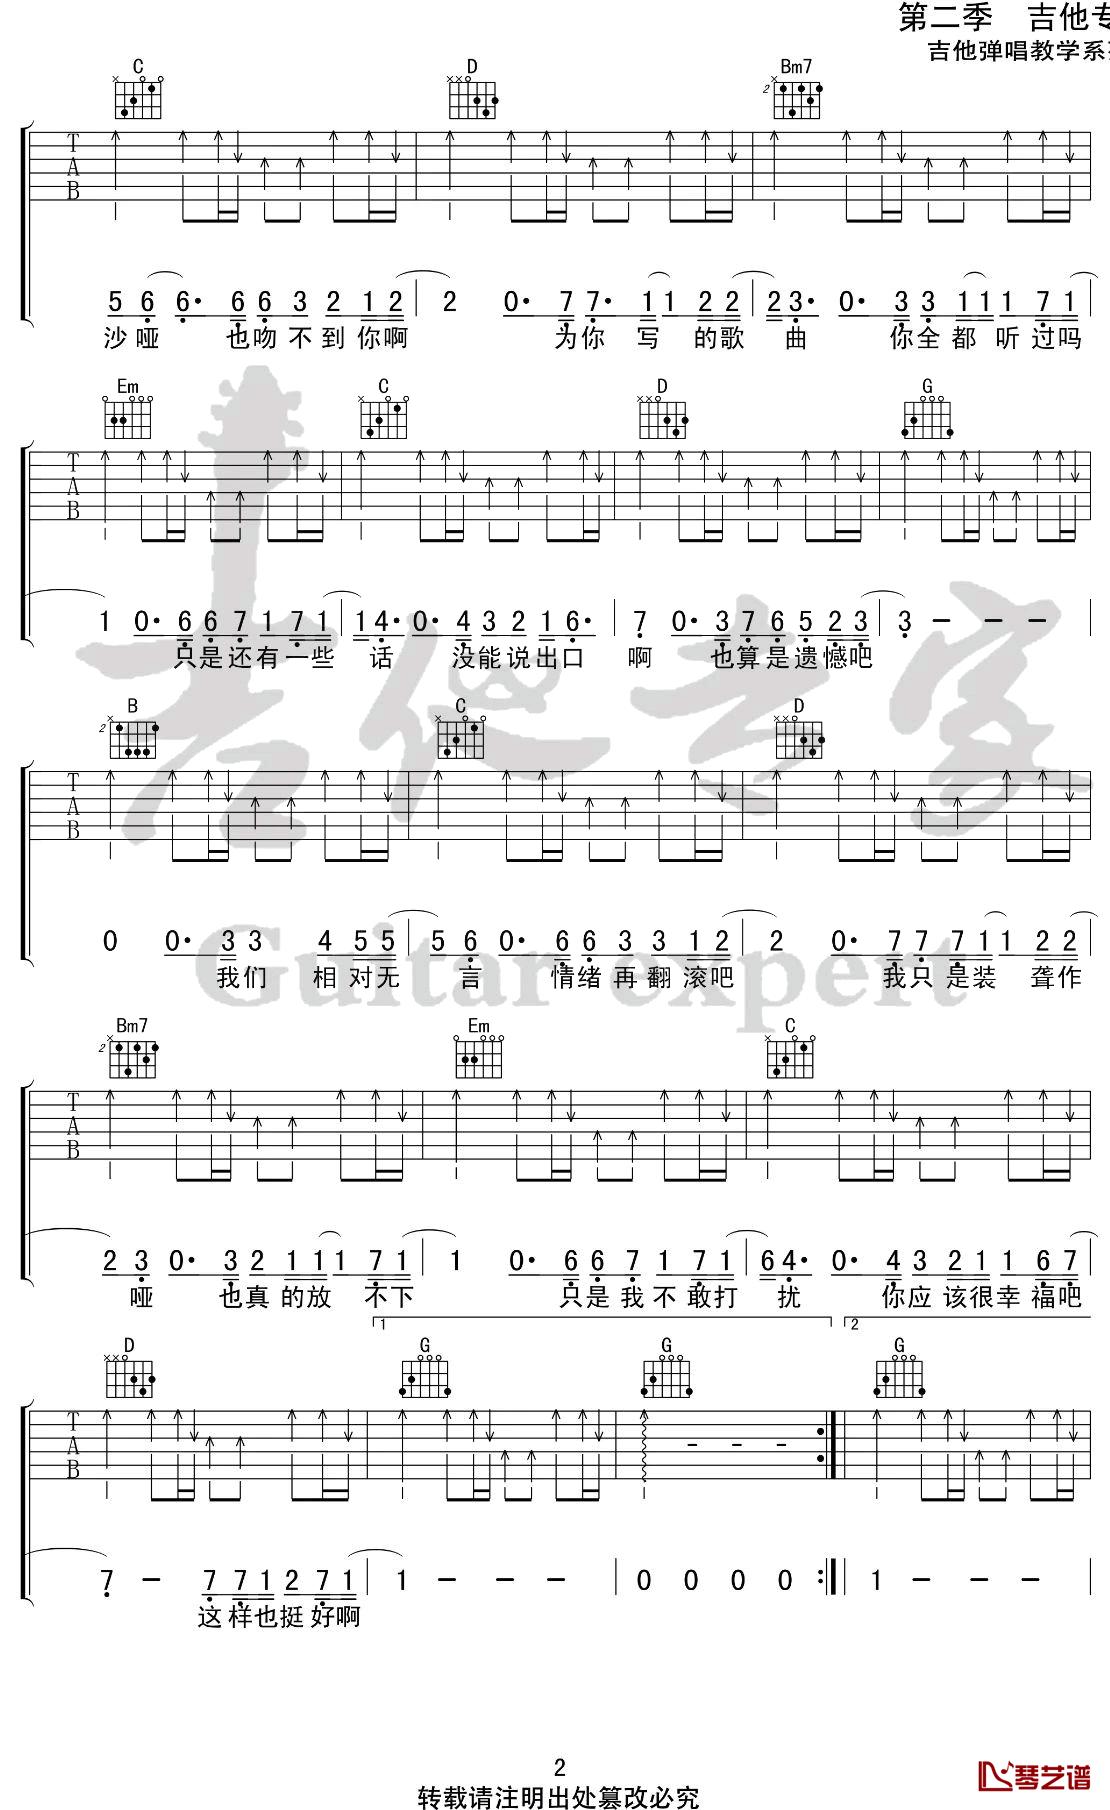 喉咙唱的沙哑吉他谱 G调 - 枯木逢春